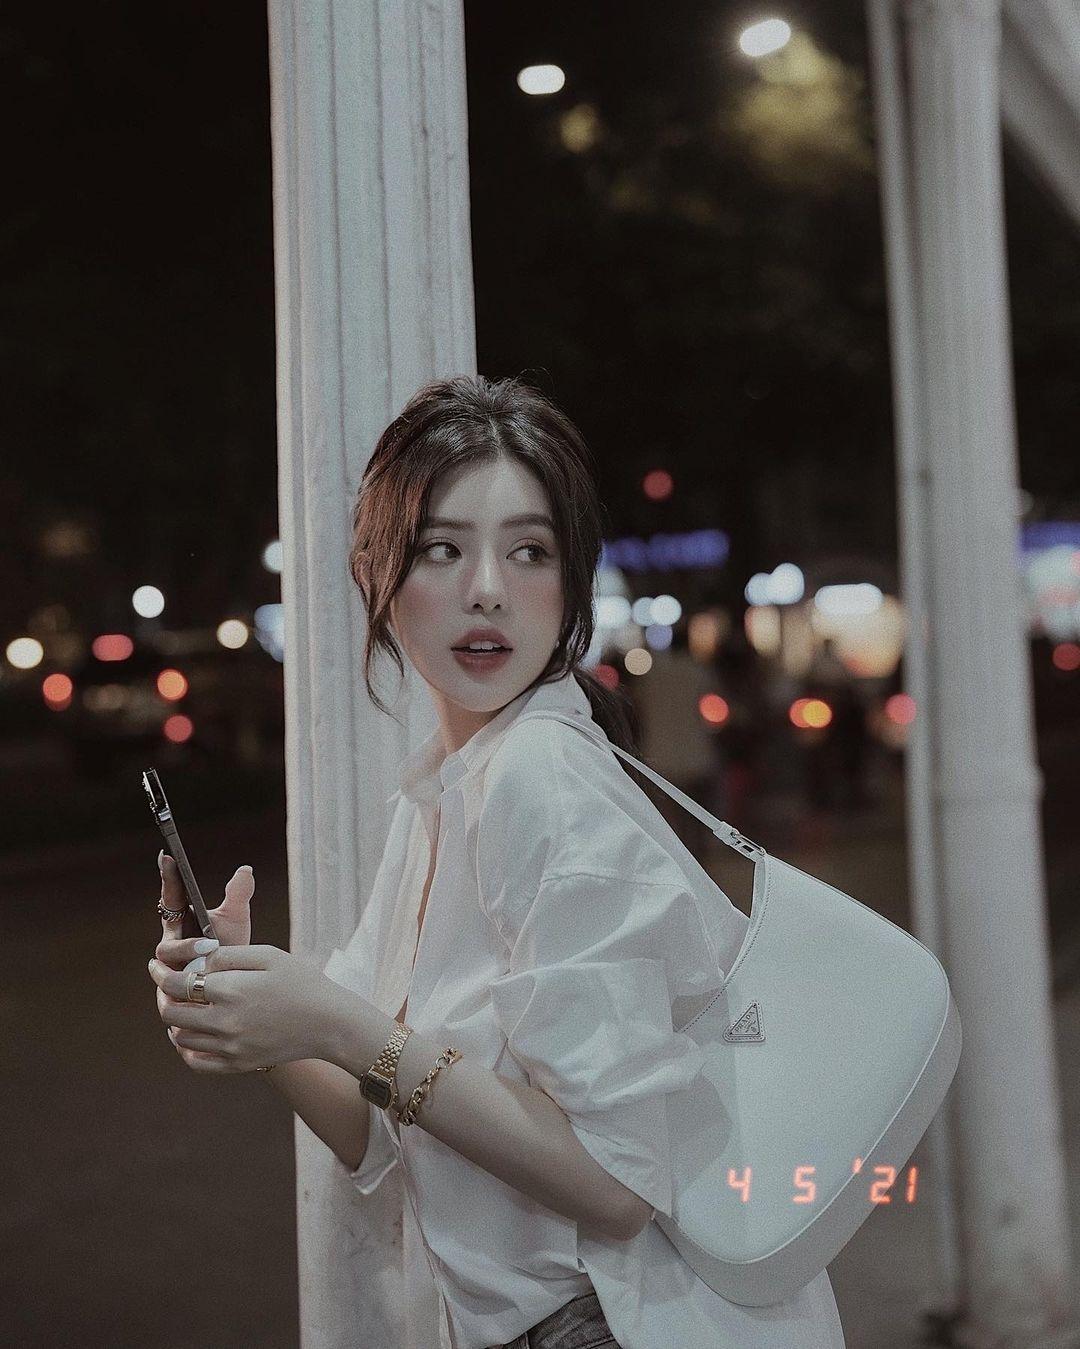 越南版范冰冰!「BaoBei」身材火辣超敢穿,透肤蕾丝秀「白嫩+小蛮腰」!插图(2)